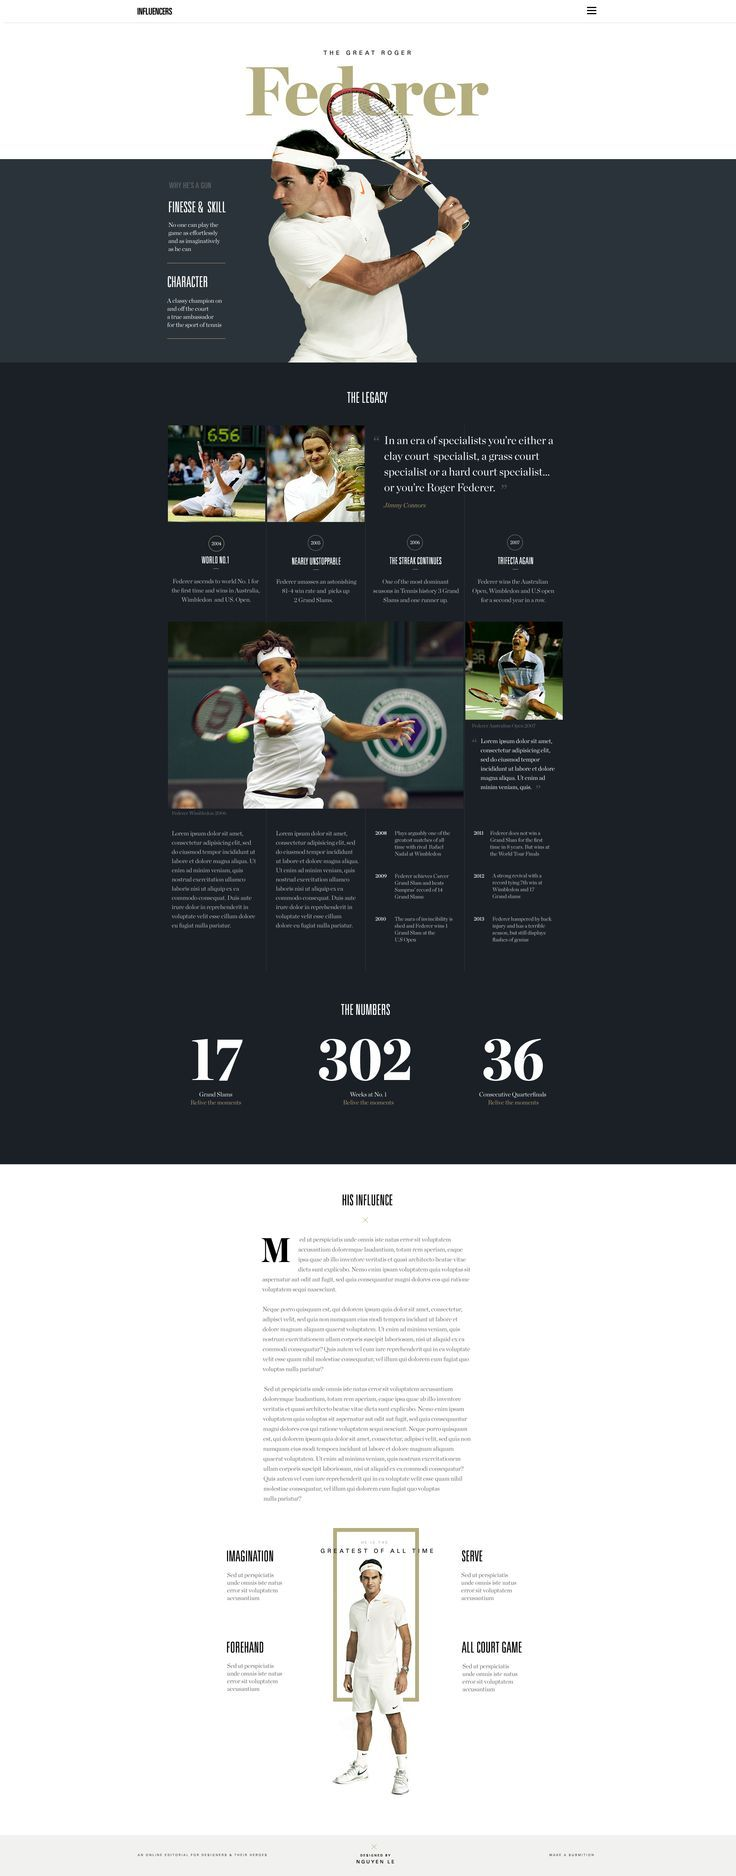 Influencers- Webdesign concept for Roger Federer / by Nguyen Le #ui #ux #uidesign #webdesign #RogerFederer